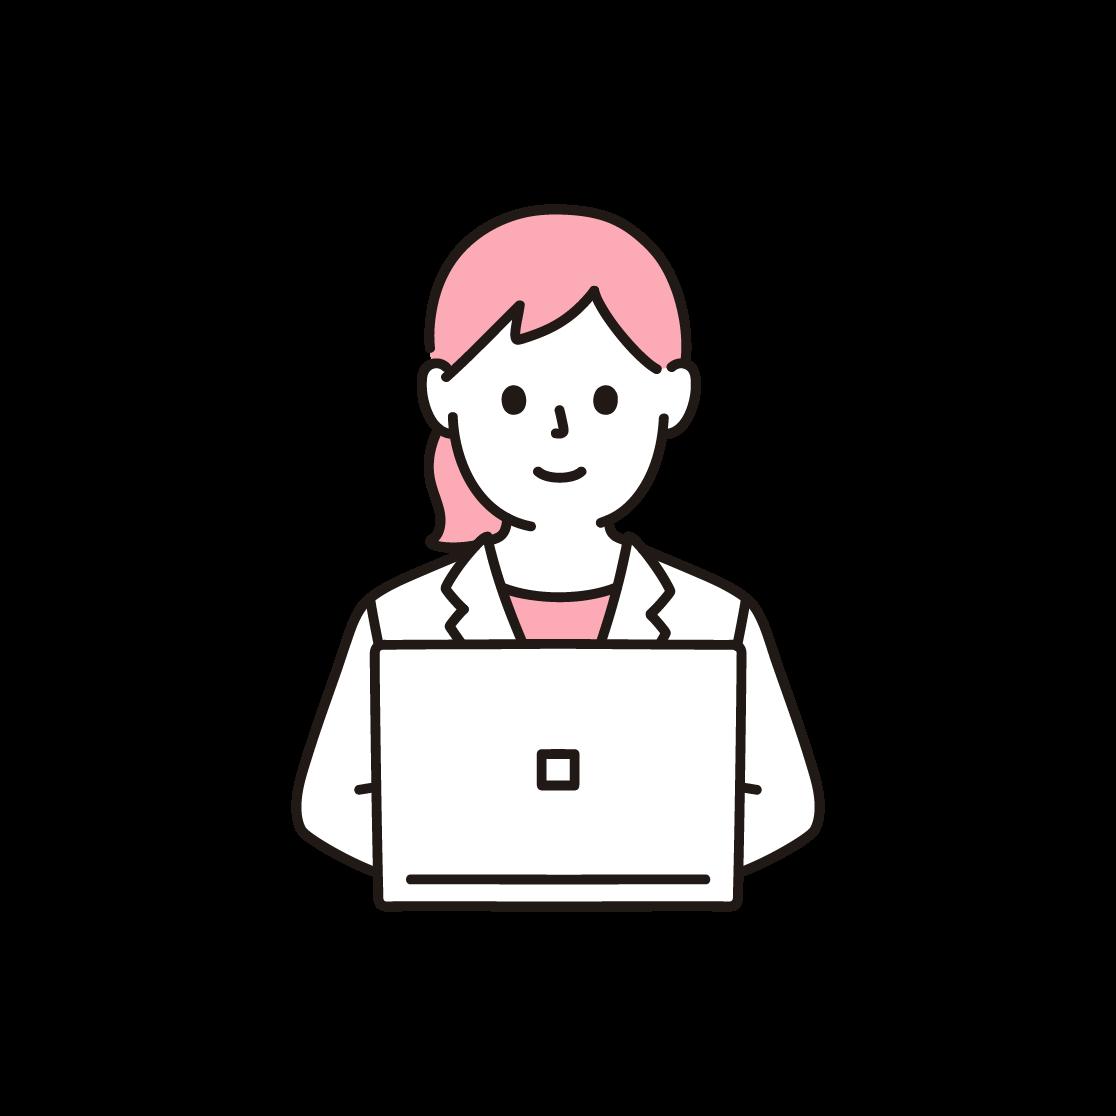 パソコンを打つビジネスウーマンの単色イラスト